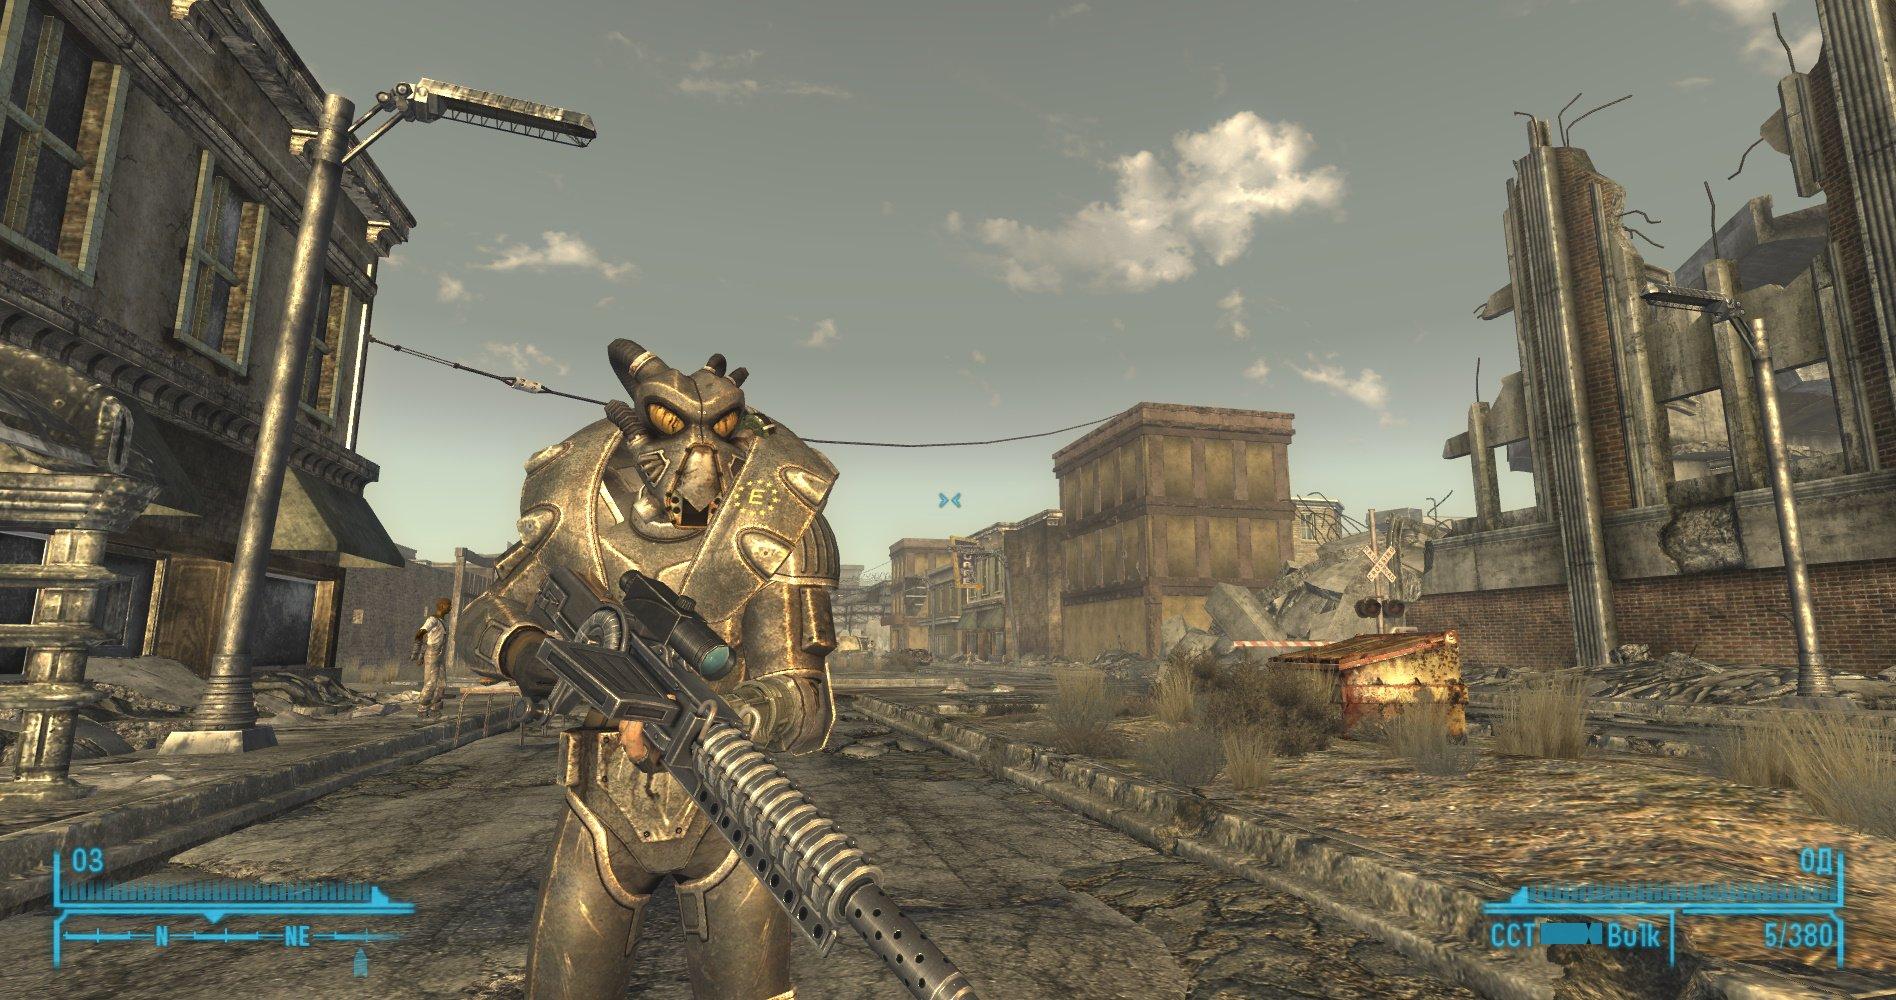 Сравнительный анализ (на самом деле нет) Fallout New Vegas vs. Fallout 4 (часть 1) - Изображение 5